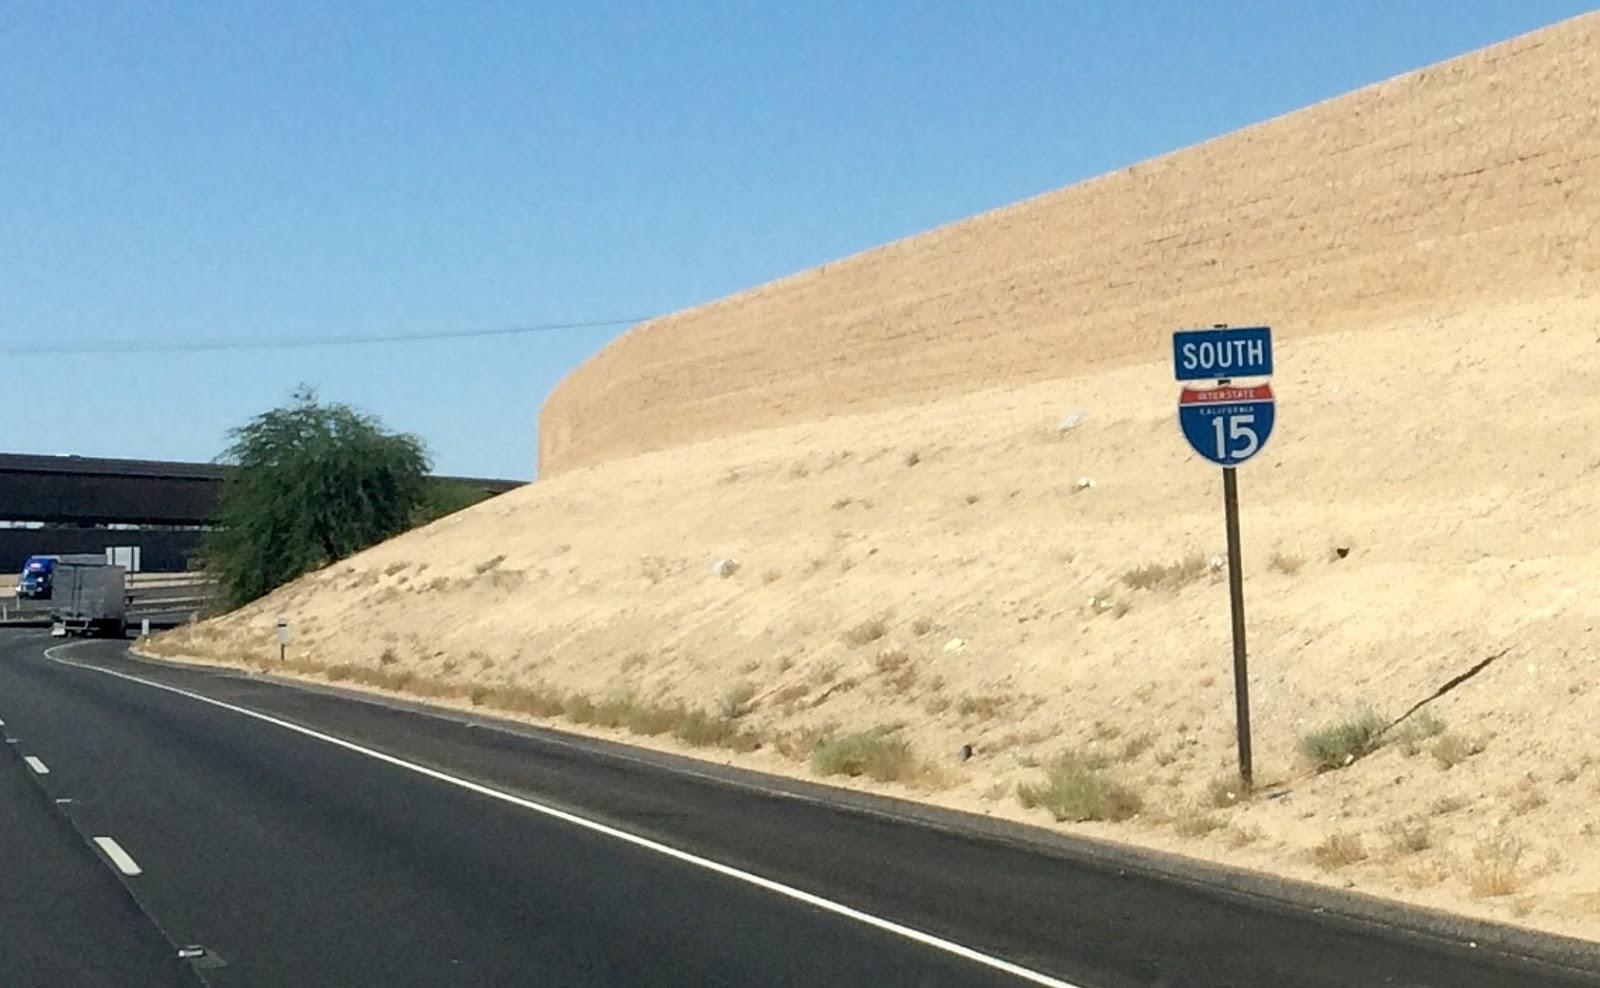 Senior RV Adventure: I-15 Corridor Between Las Vegas and Los Angeles